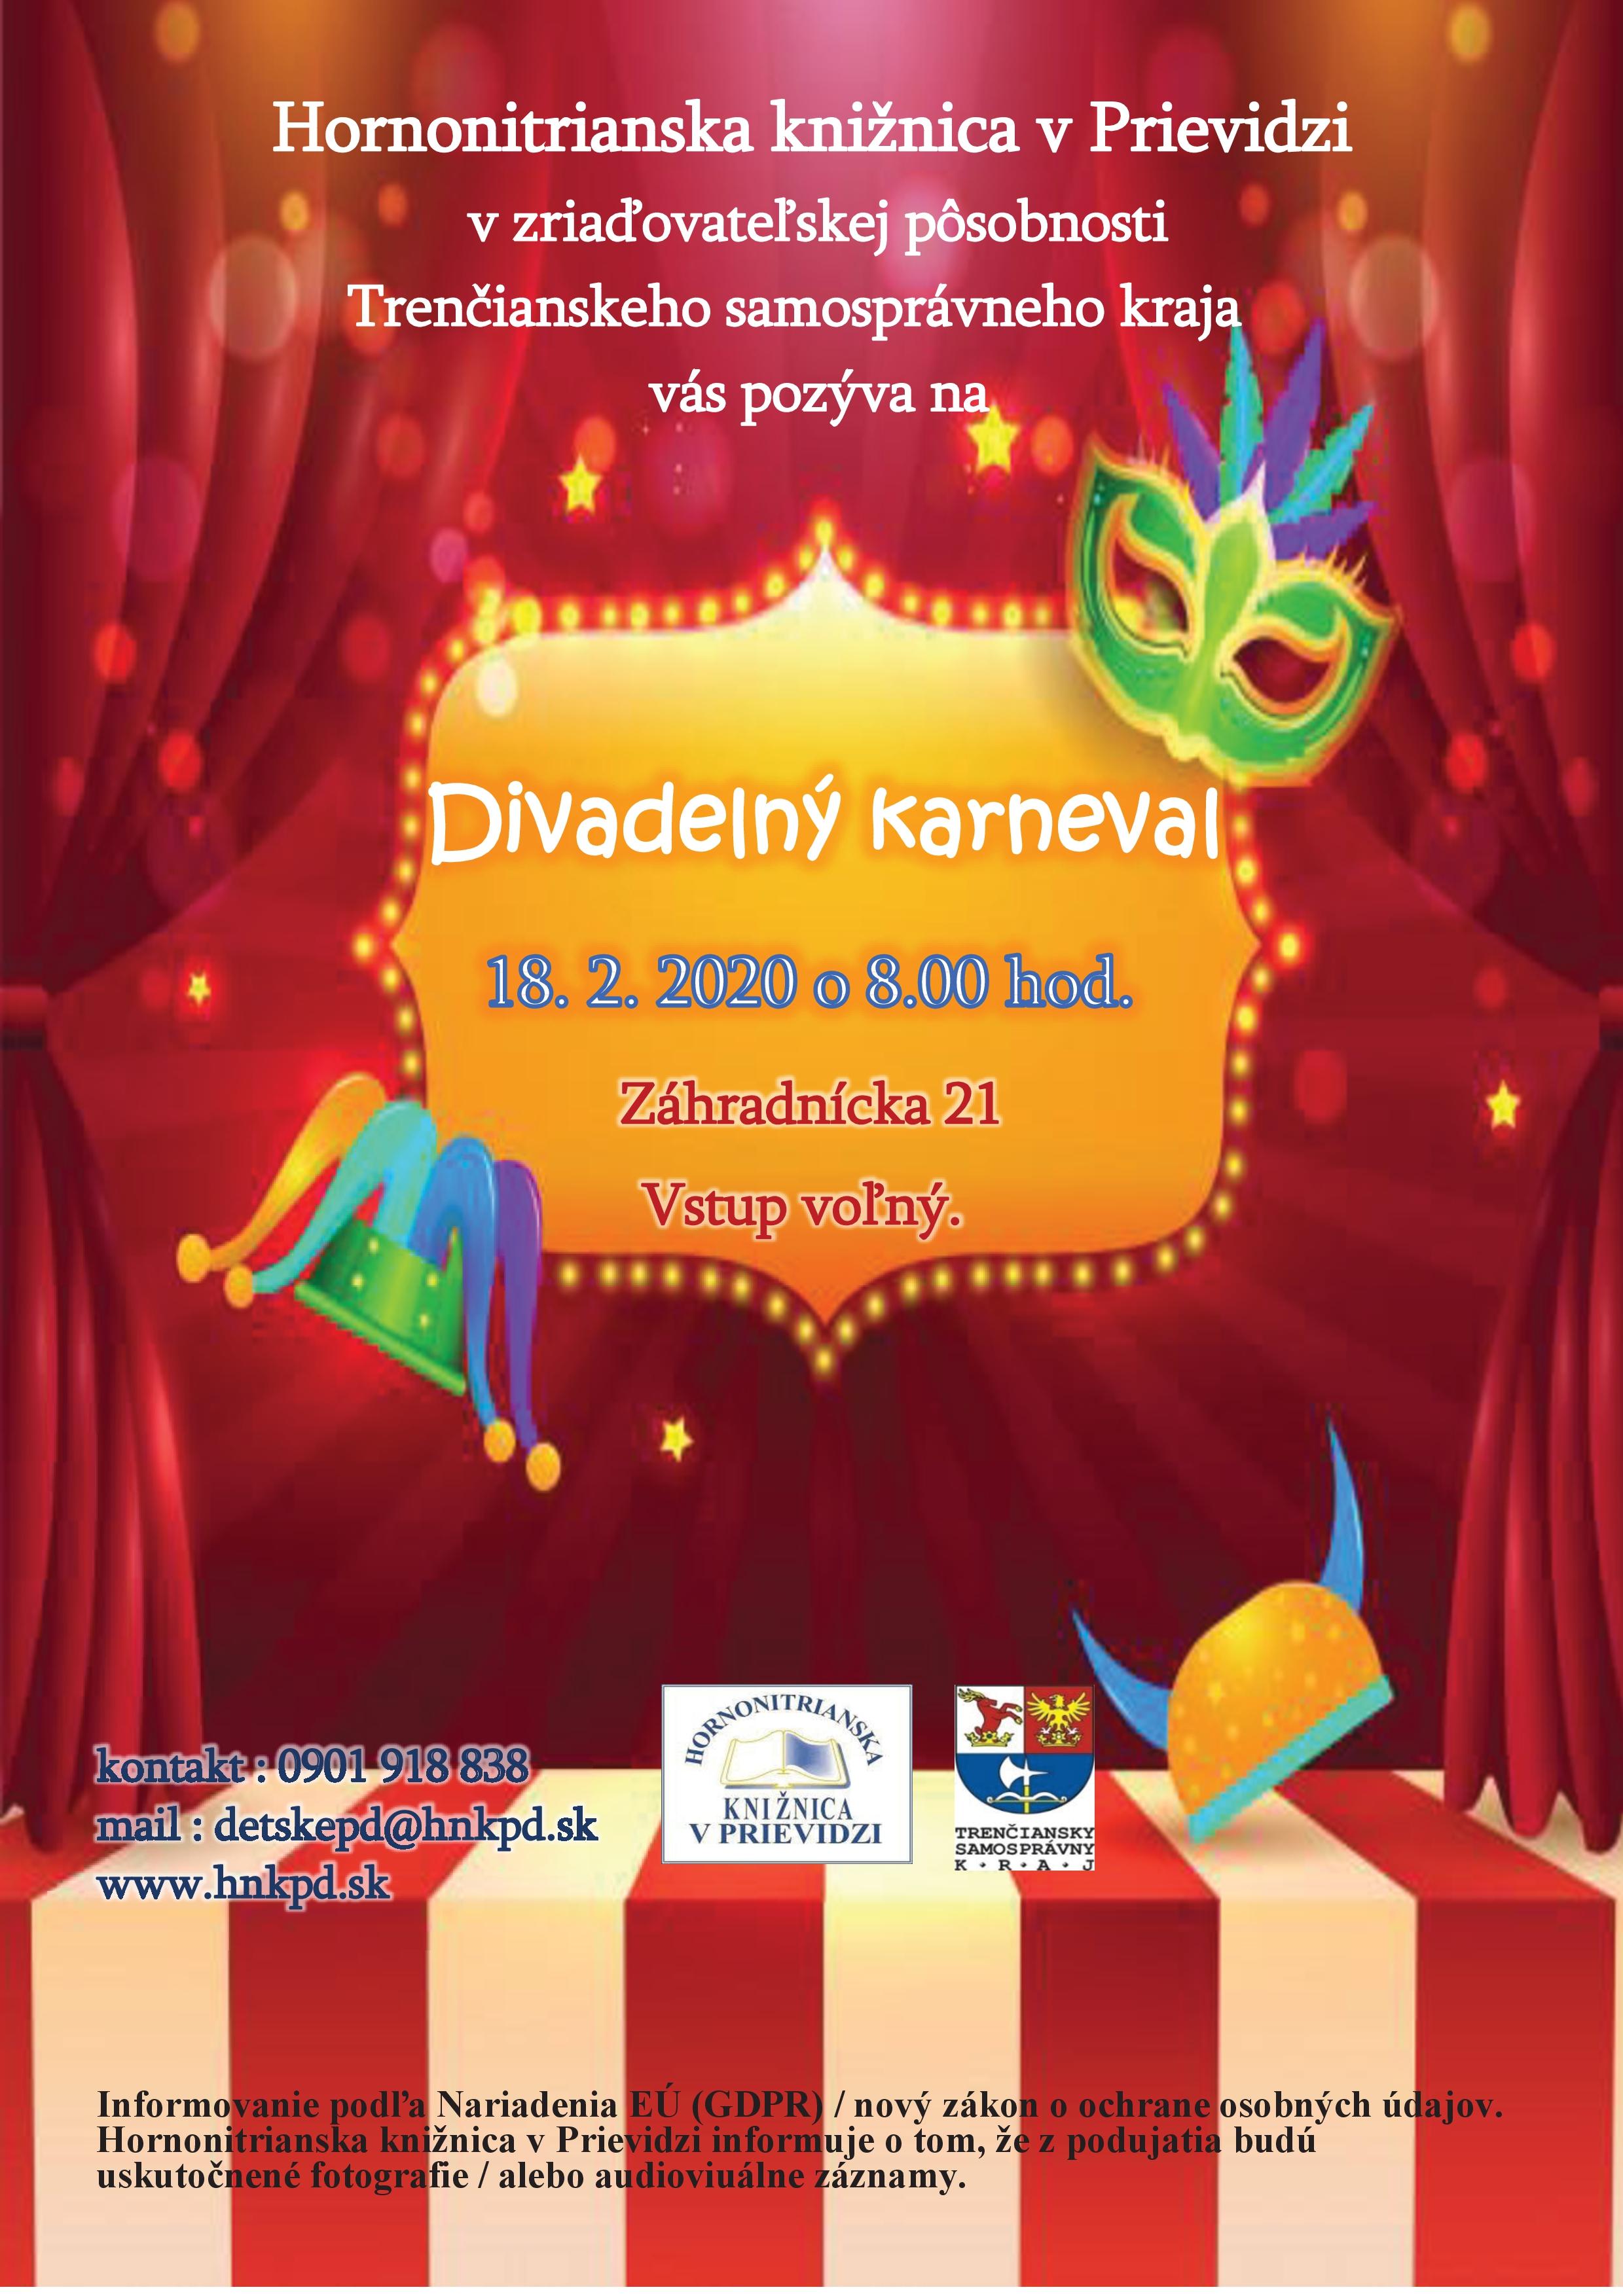 Divadelný karneval